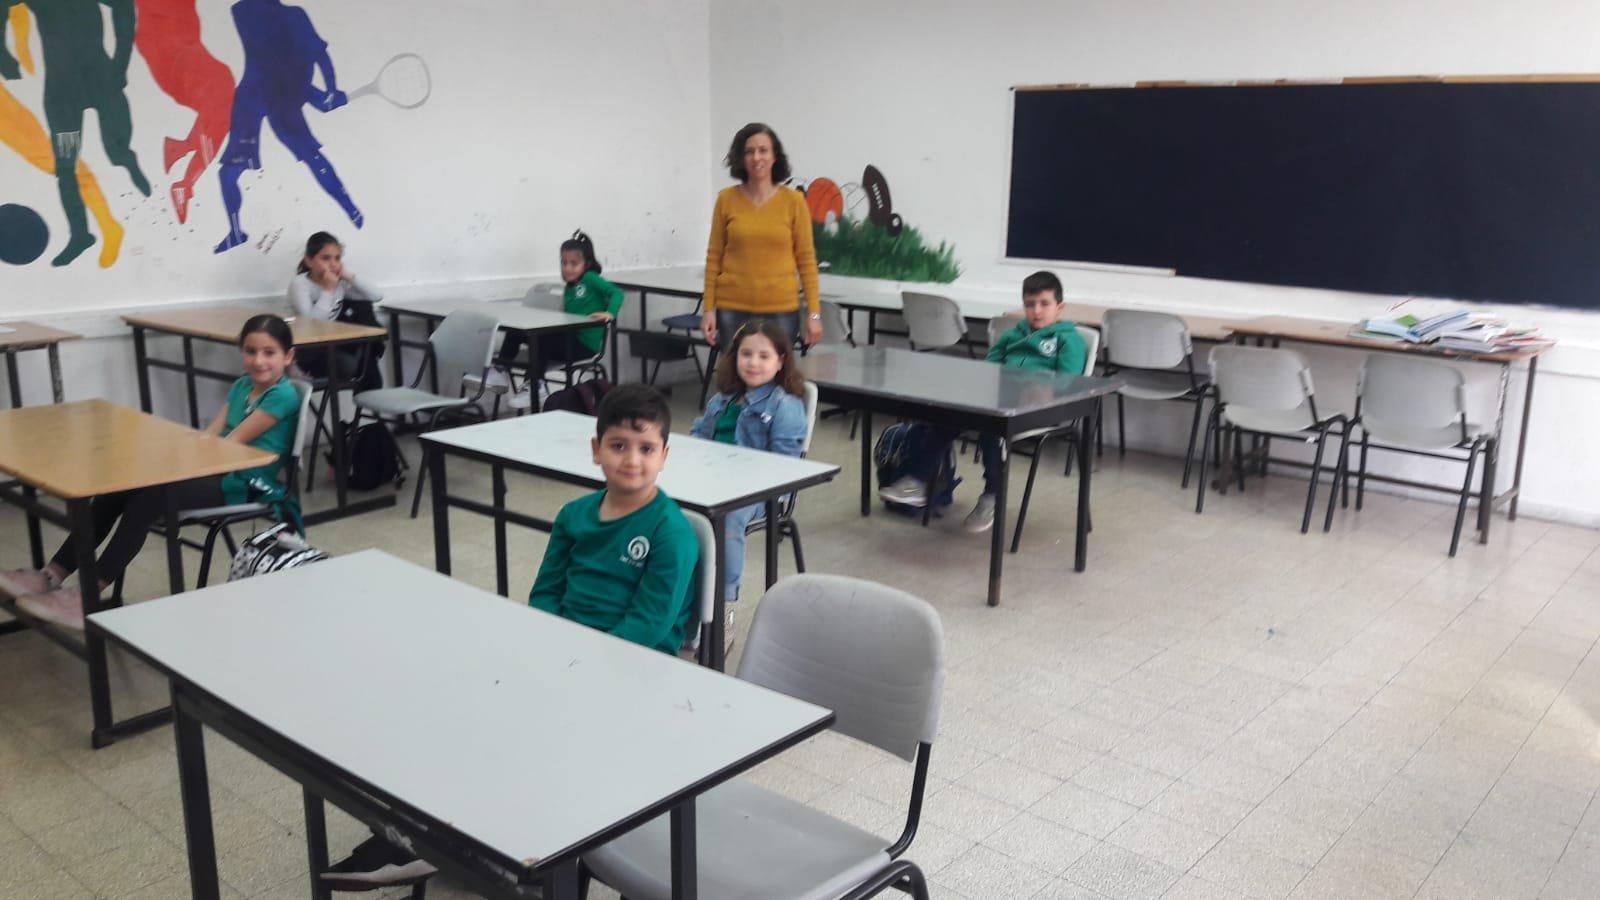 عودة نحو %60 من الطلاب إلى مقاعدهم: يشمل طلاب عرب